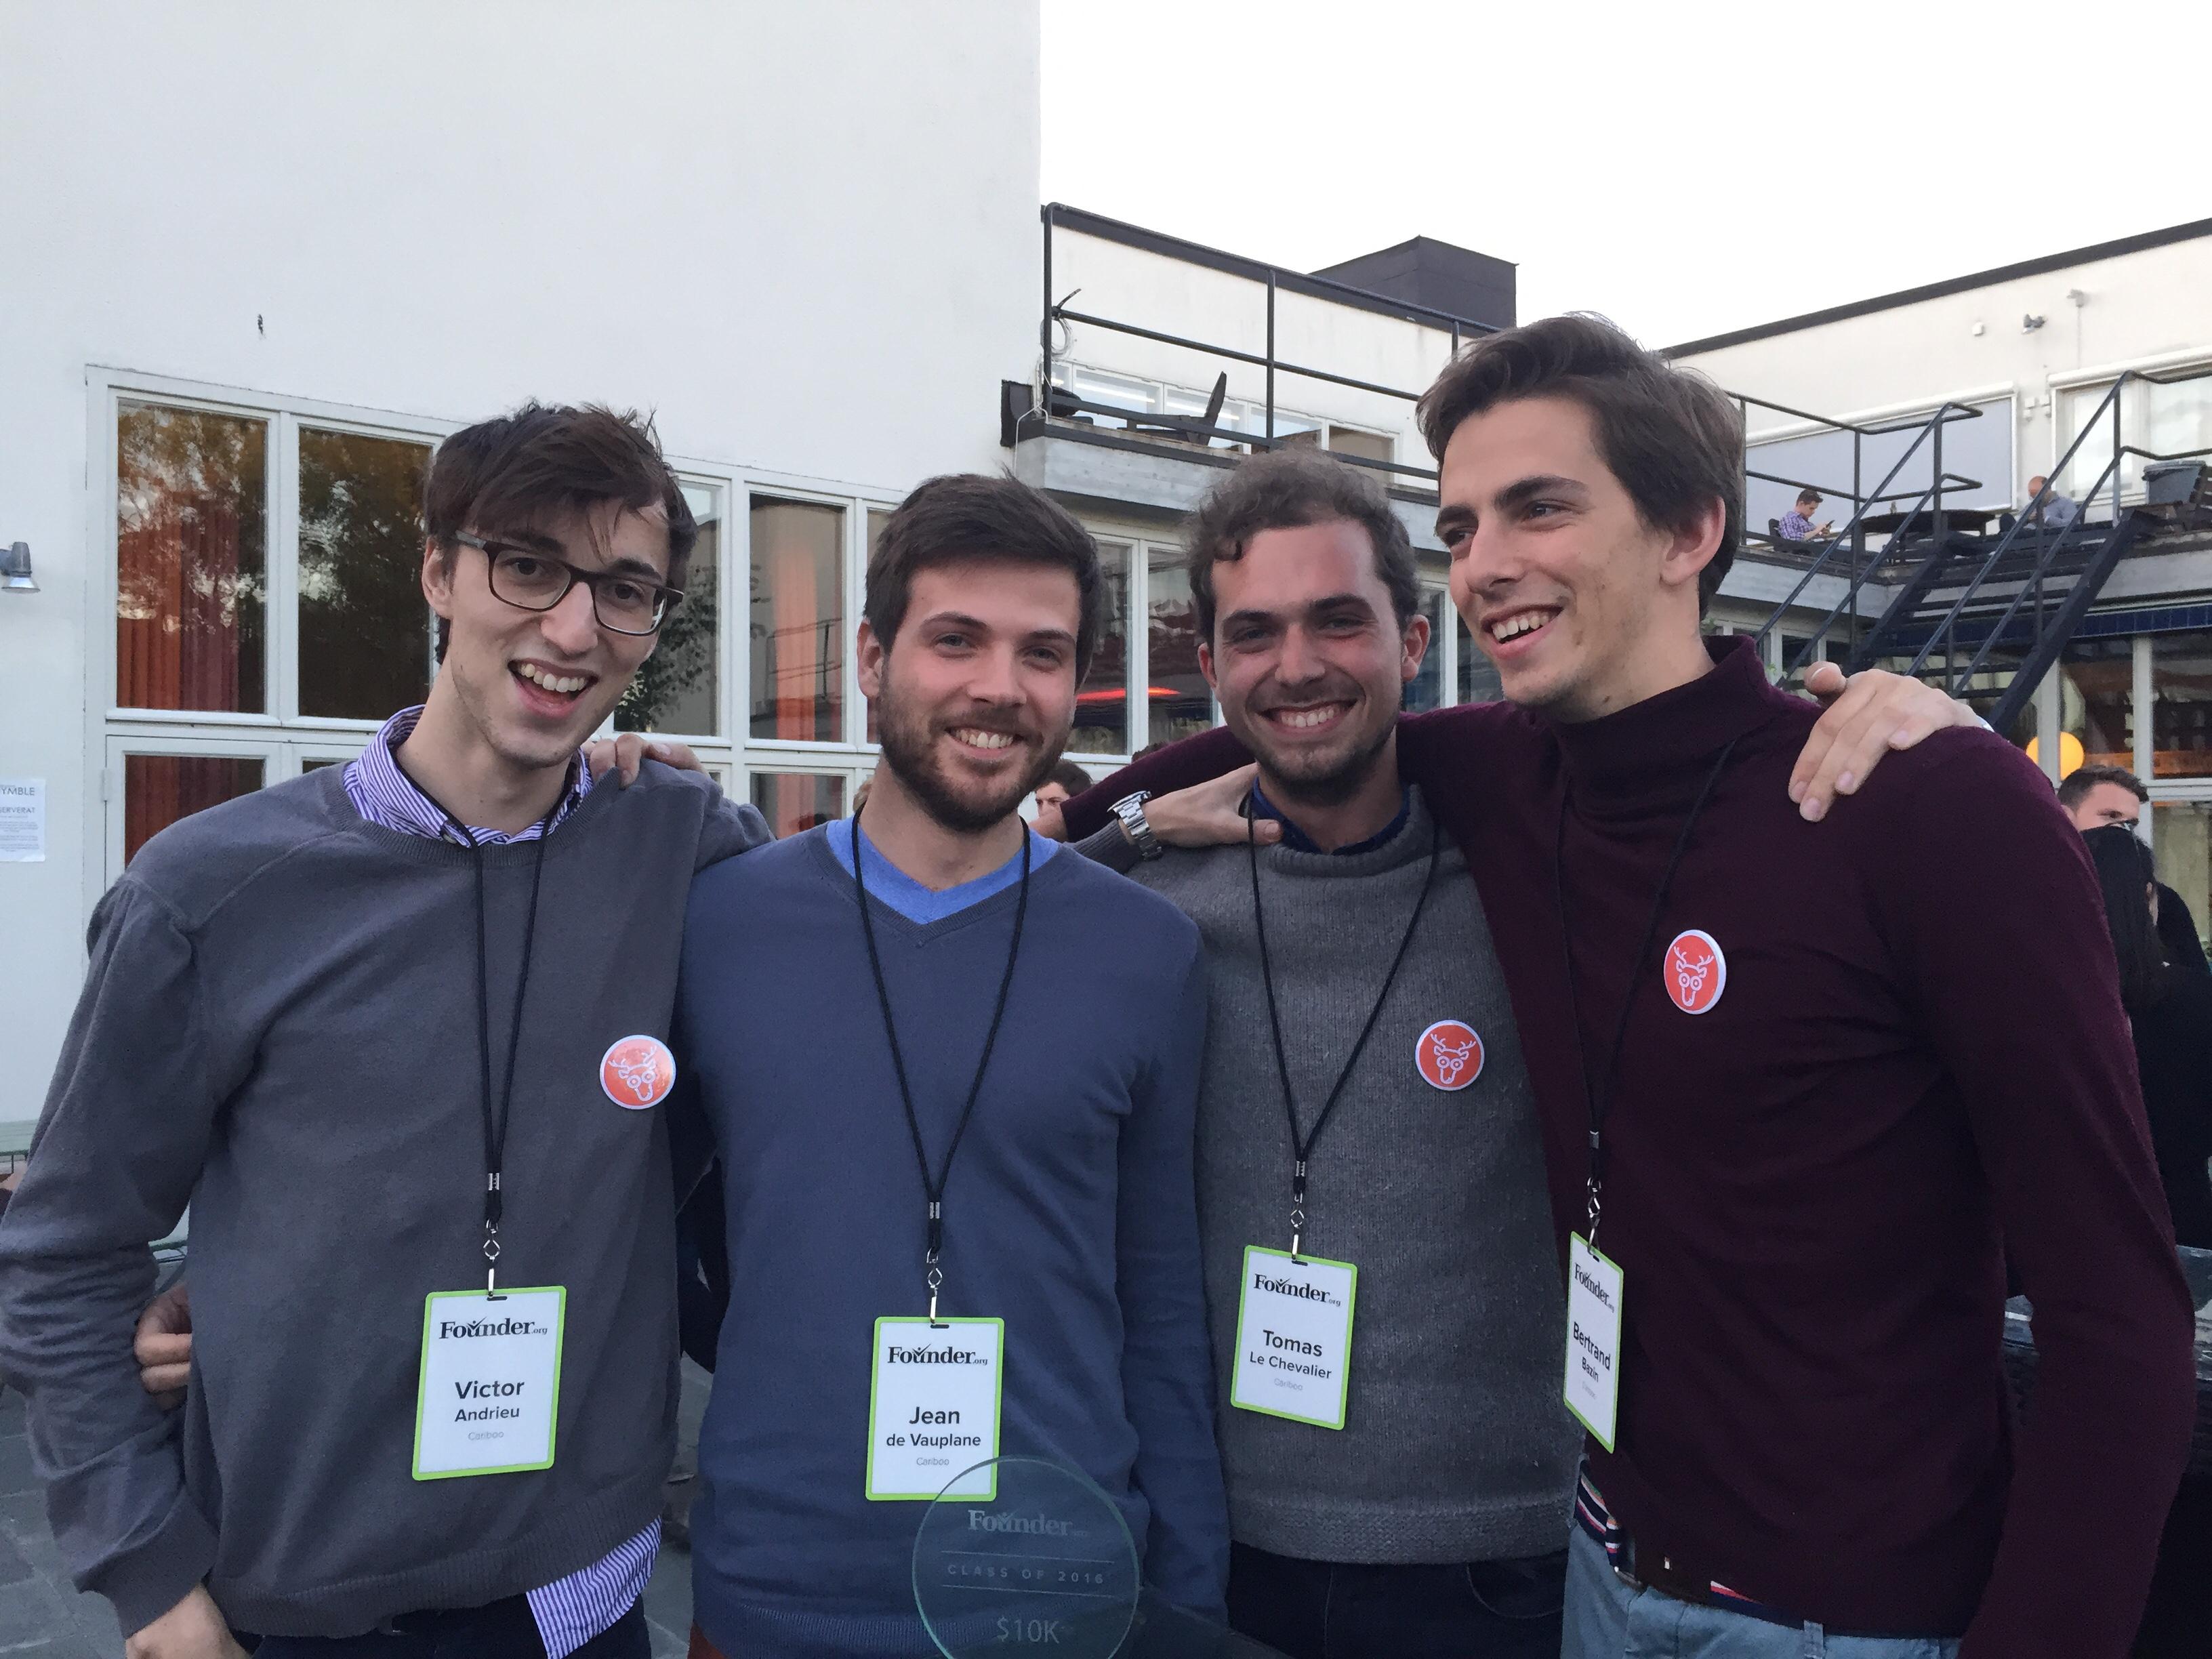 Les 4 amis fondateurs de Cariboo - Photo DR